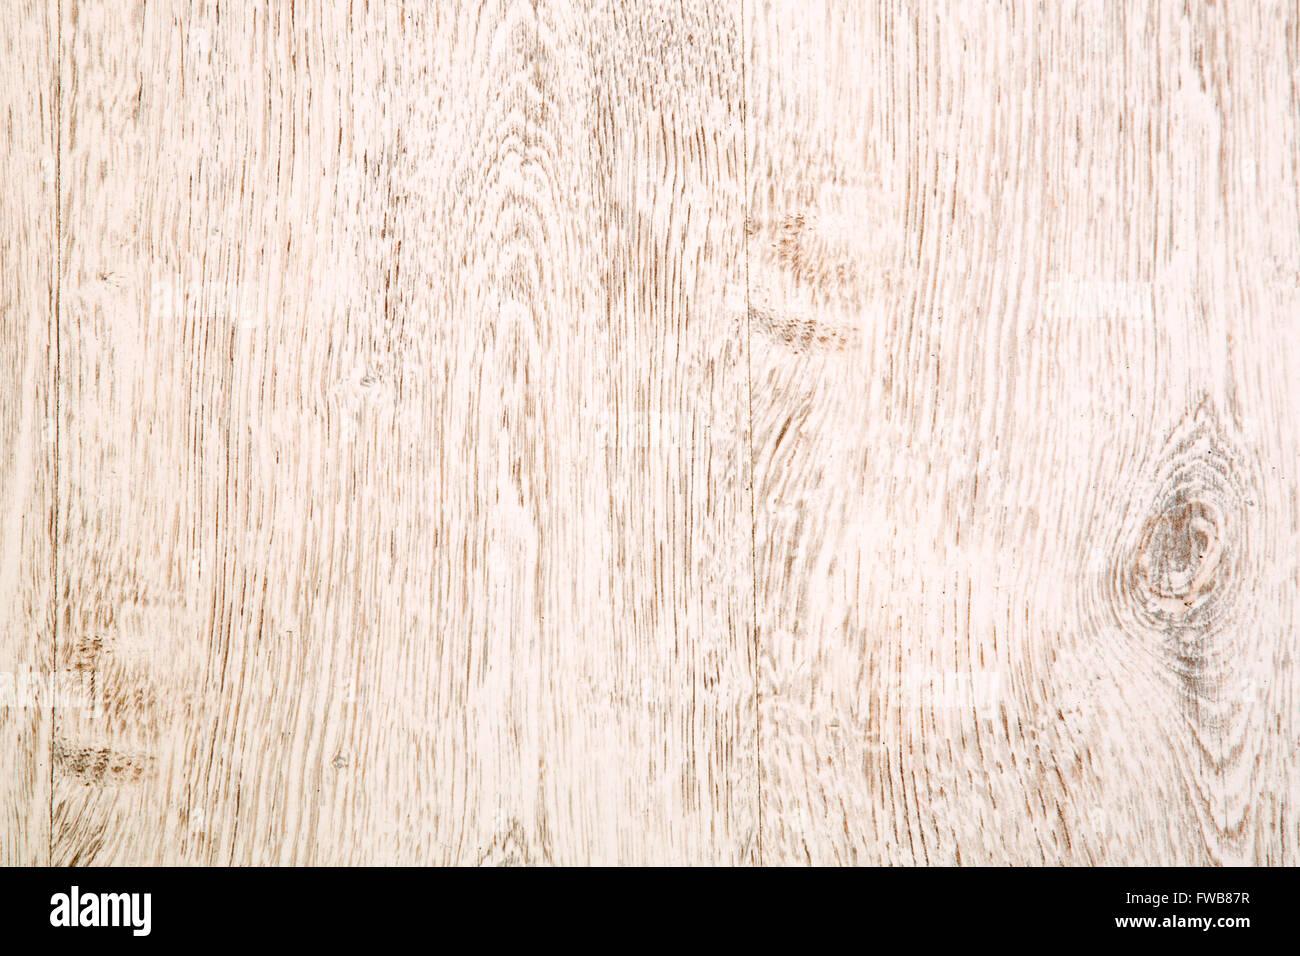 AuBergewohnlich Textur Des Hellen Holz Laminat